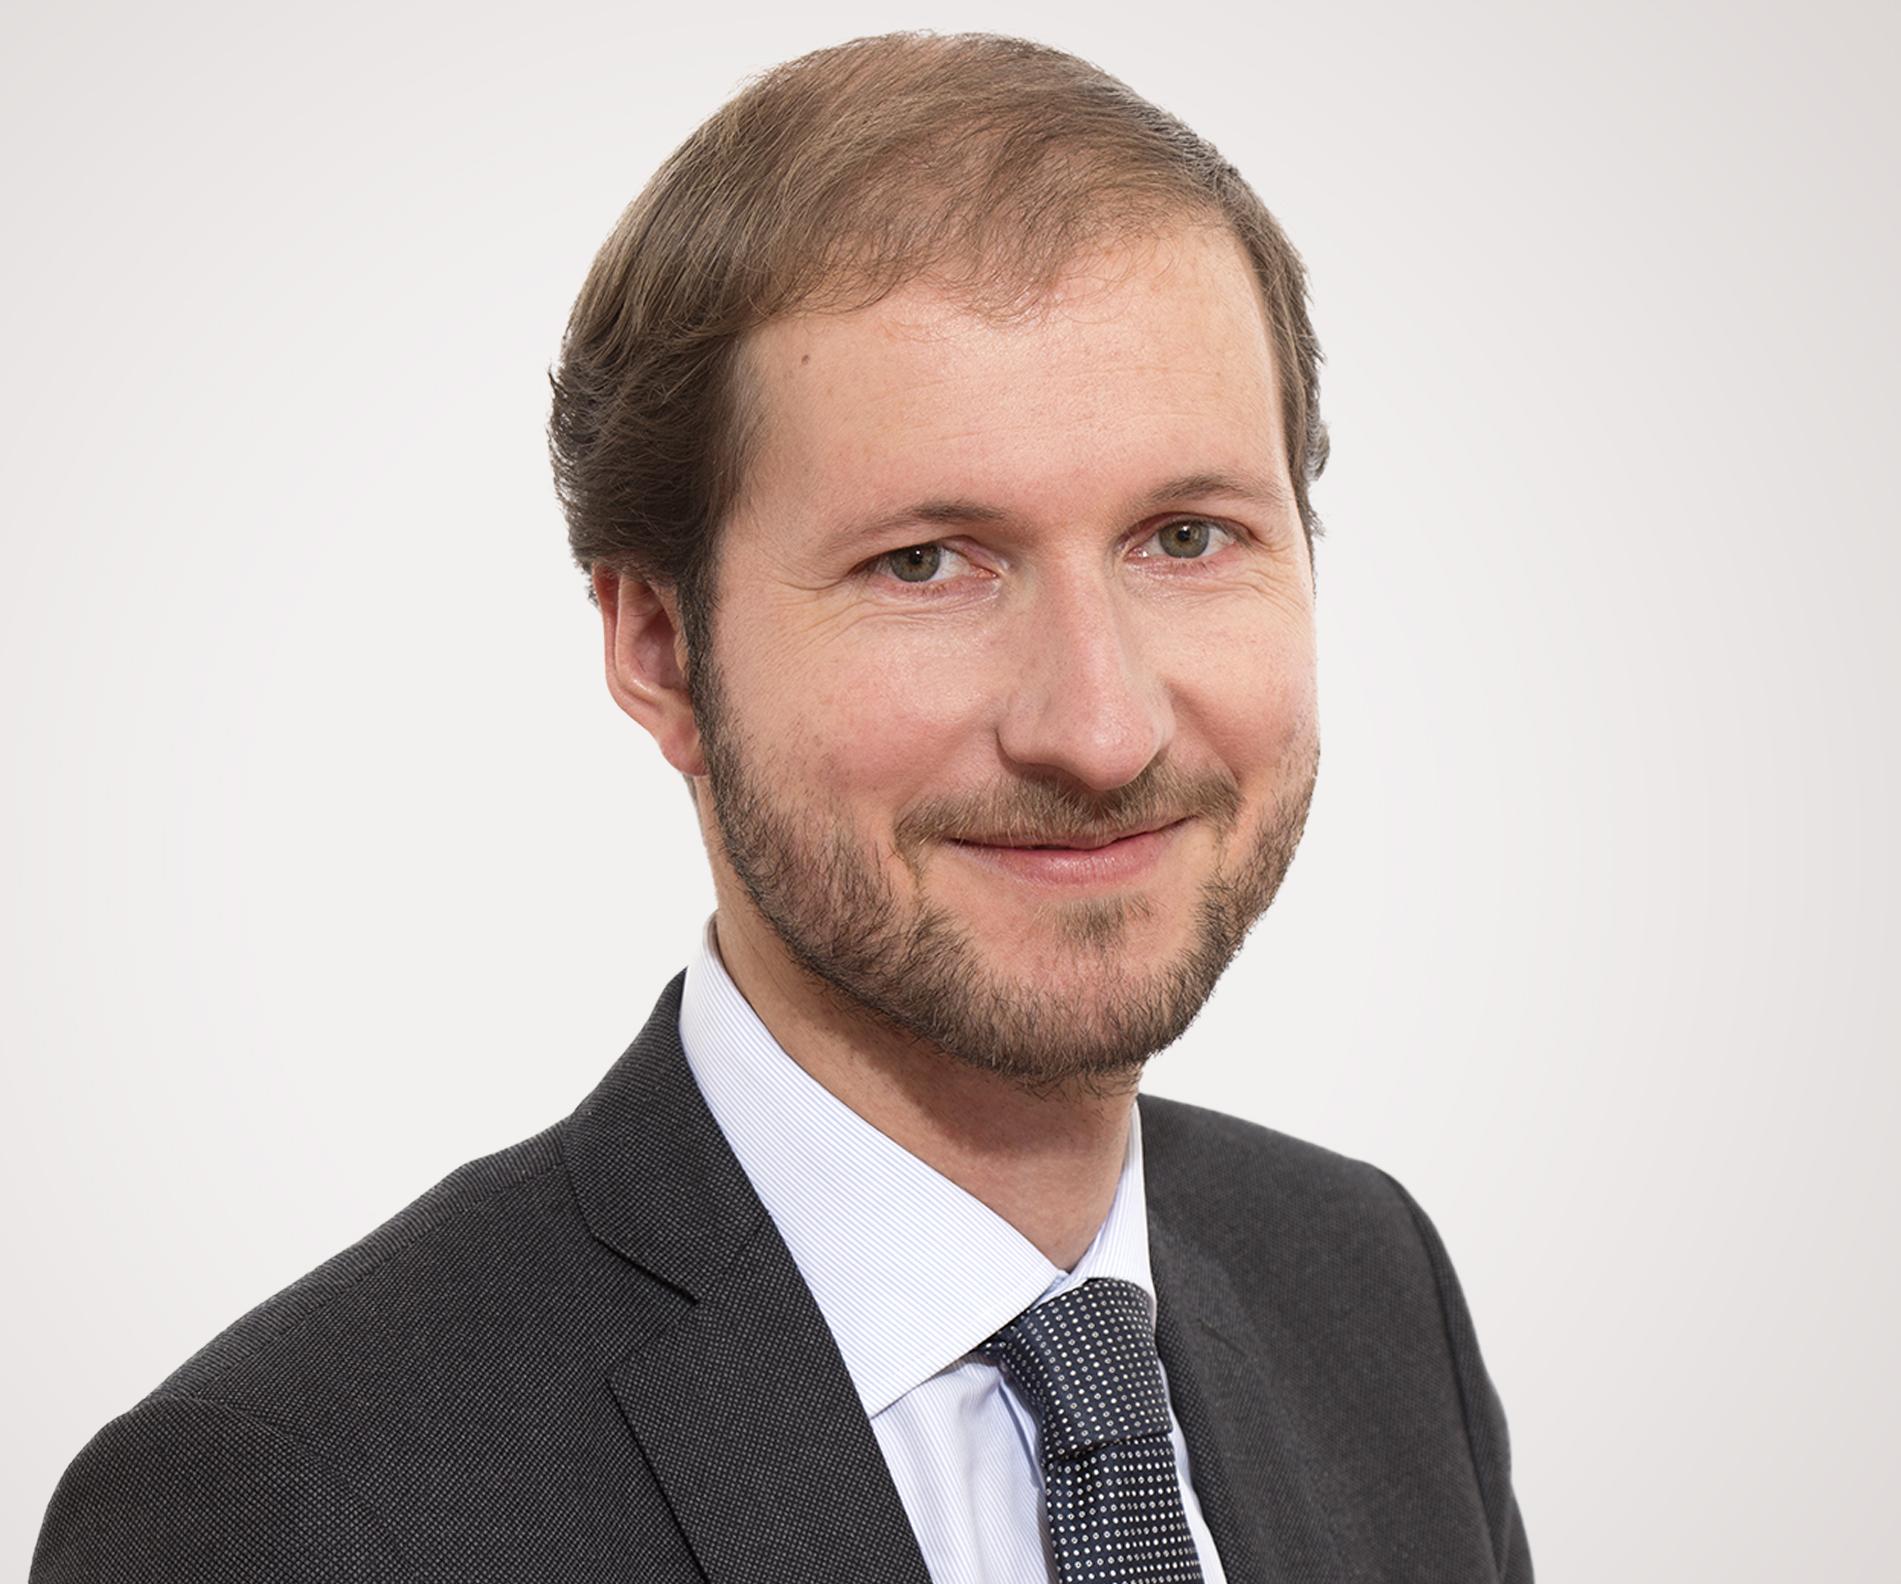 Cyprien Choutet, Qualium Investissement